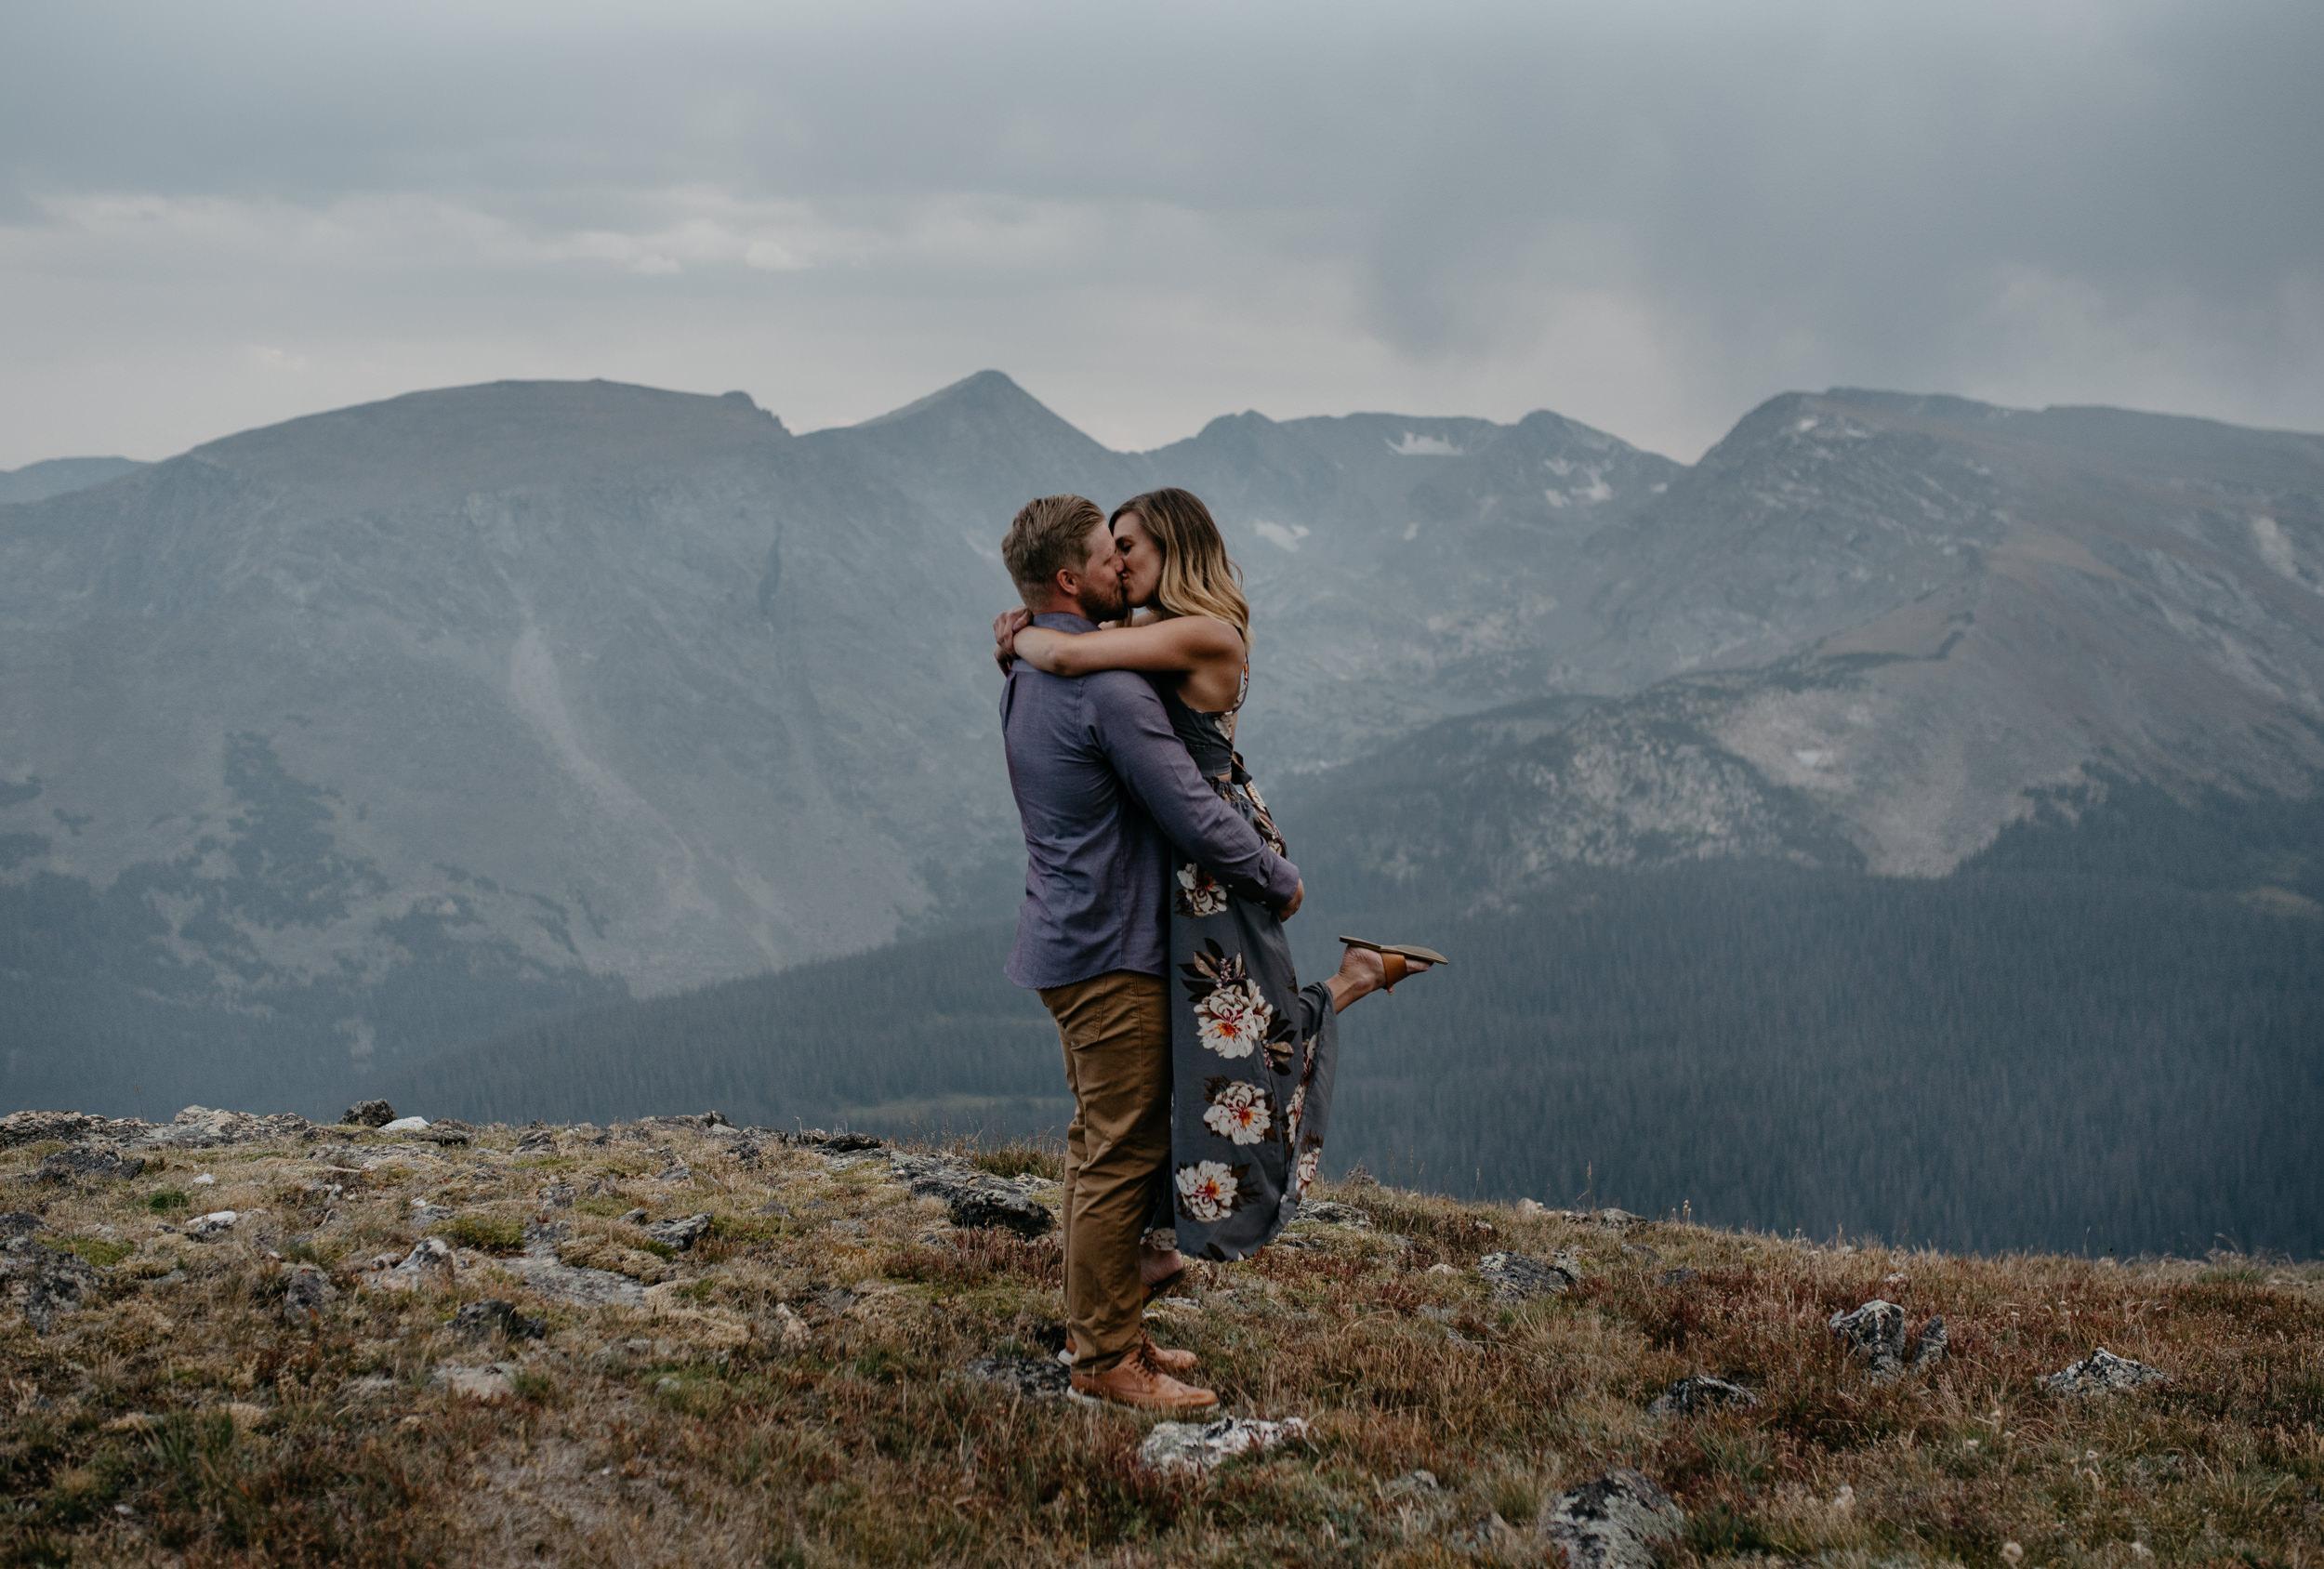 Estes Park, Colorado wedding photographer. Rocky Mountain National Park adventure elopement photos.